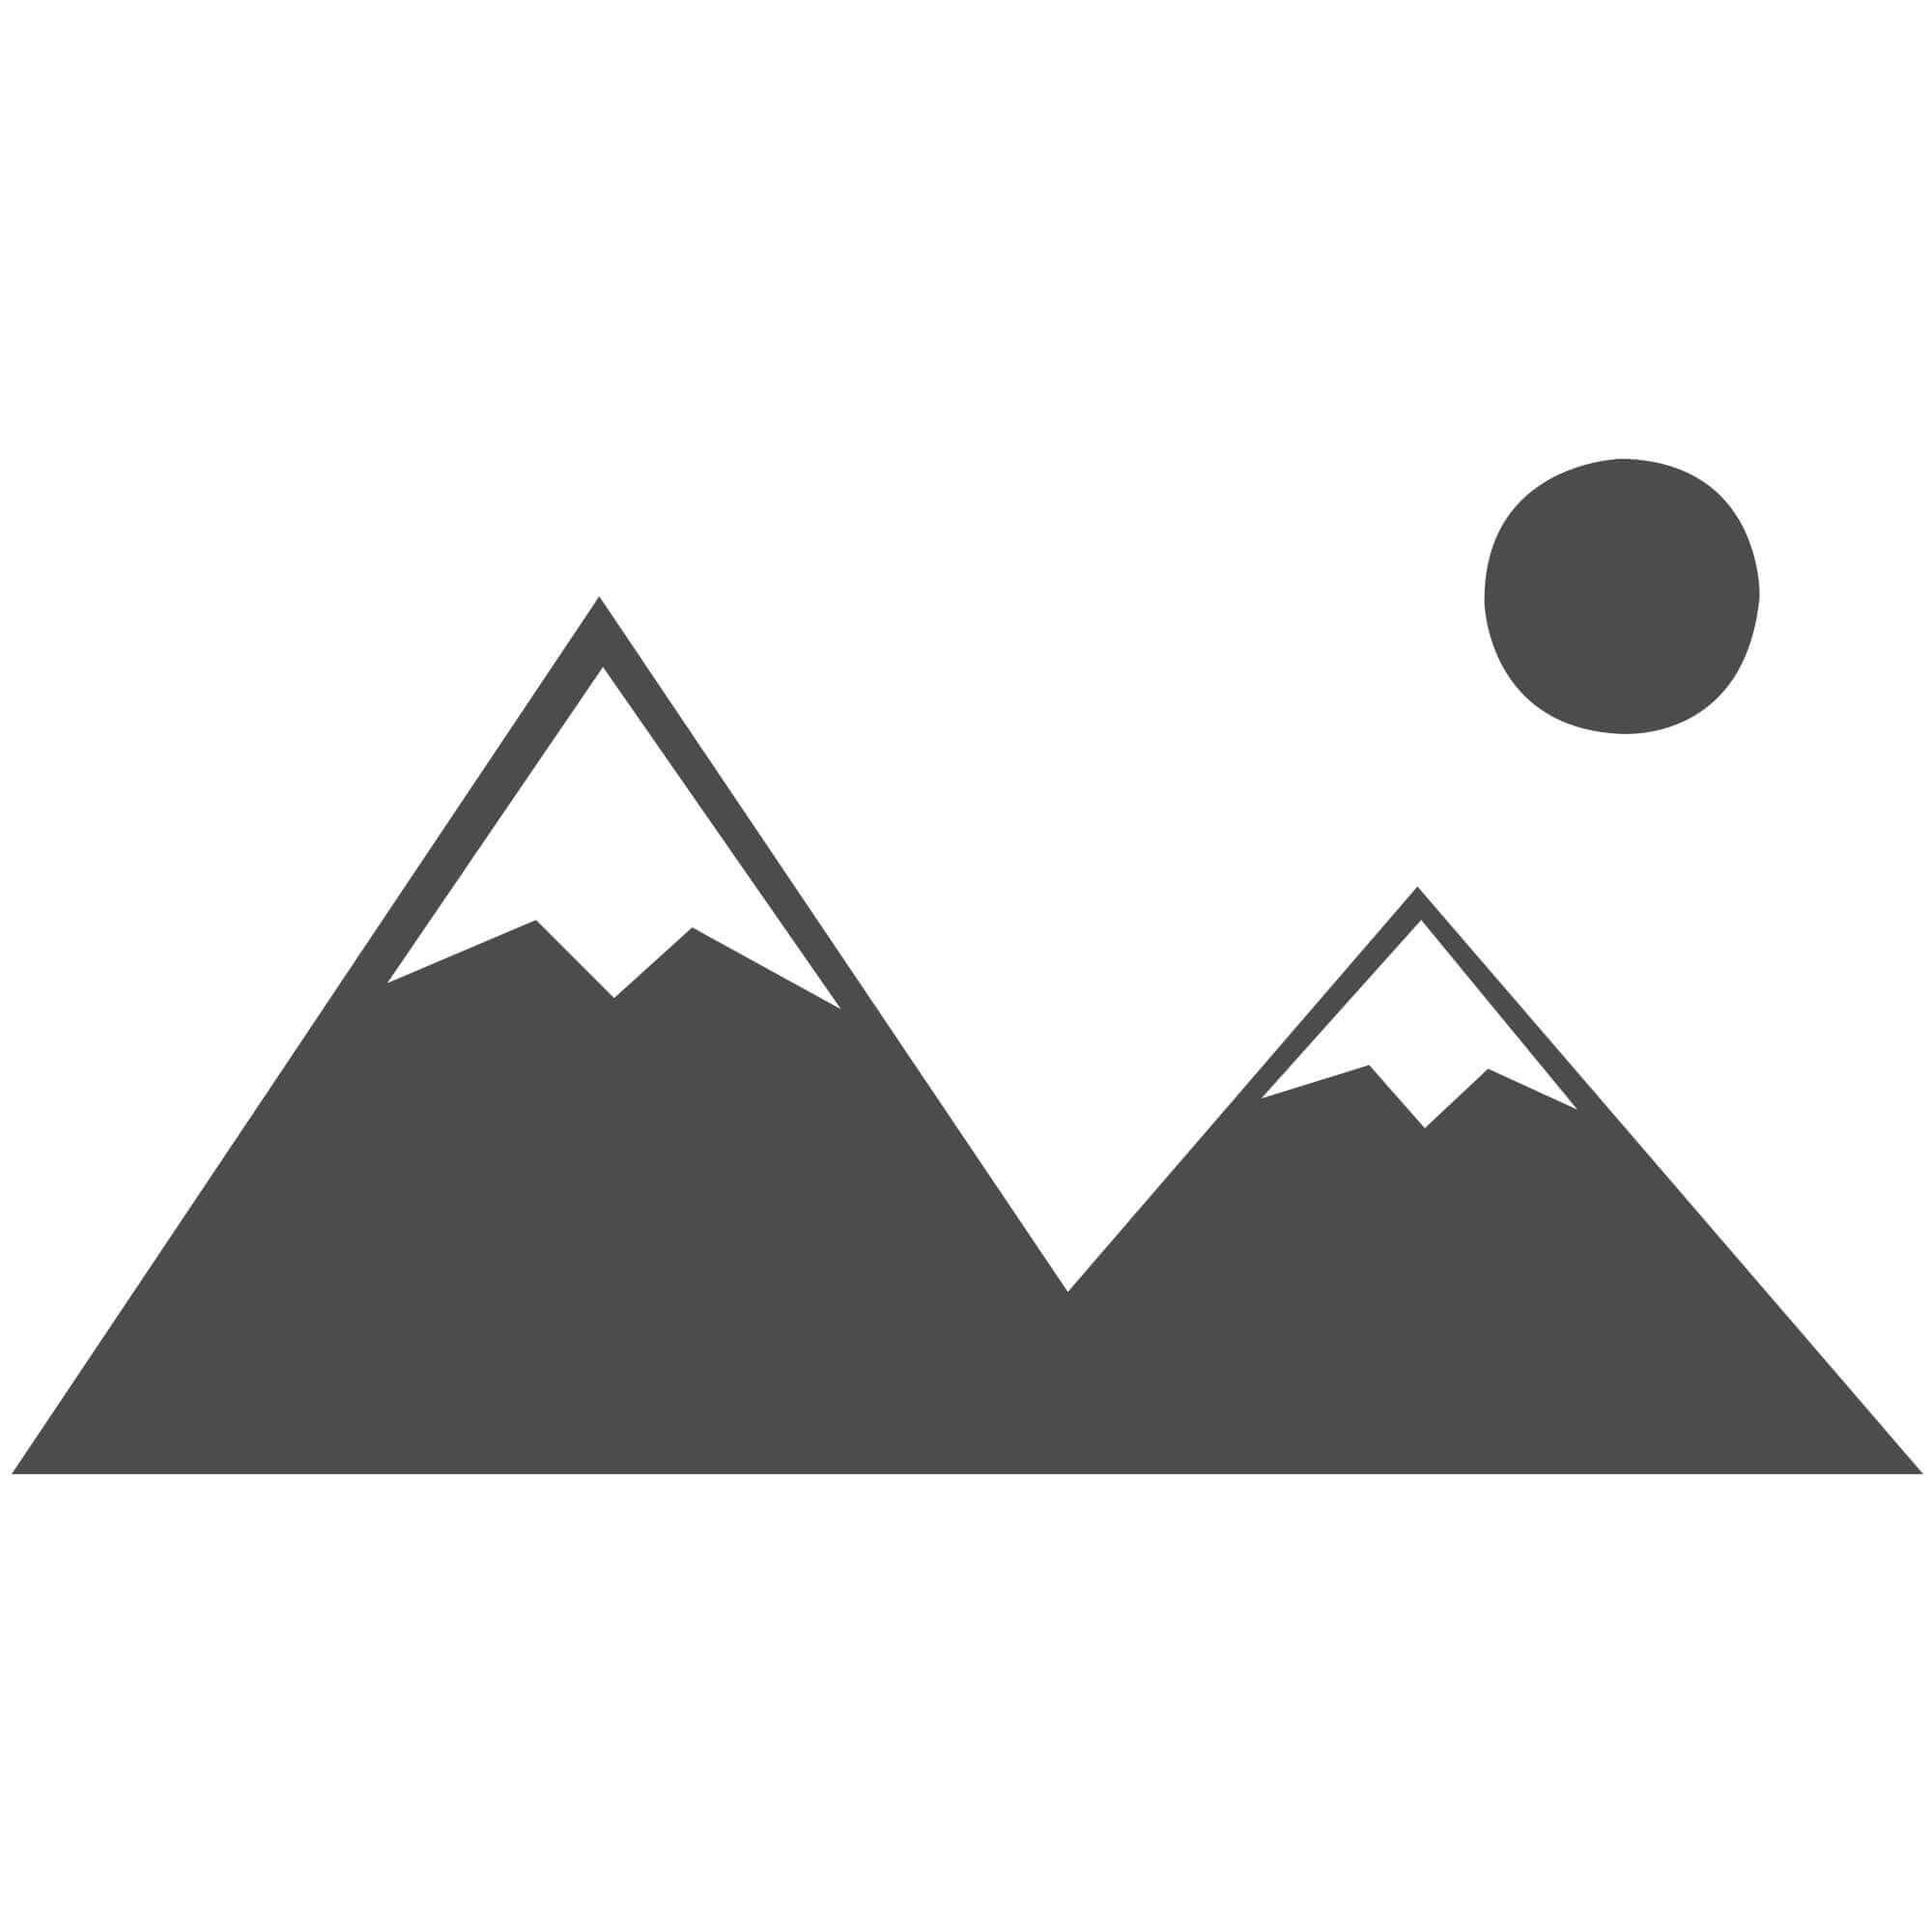 """New Vintage Azur 8015 Rug by Louis de Poortere-Square 230 x 230 cm (7'7"""" x 7'7"""")"""